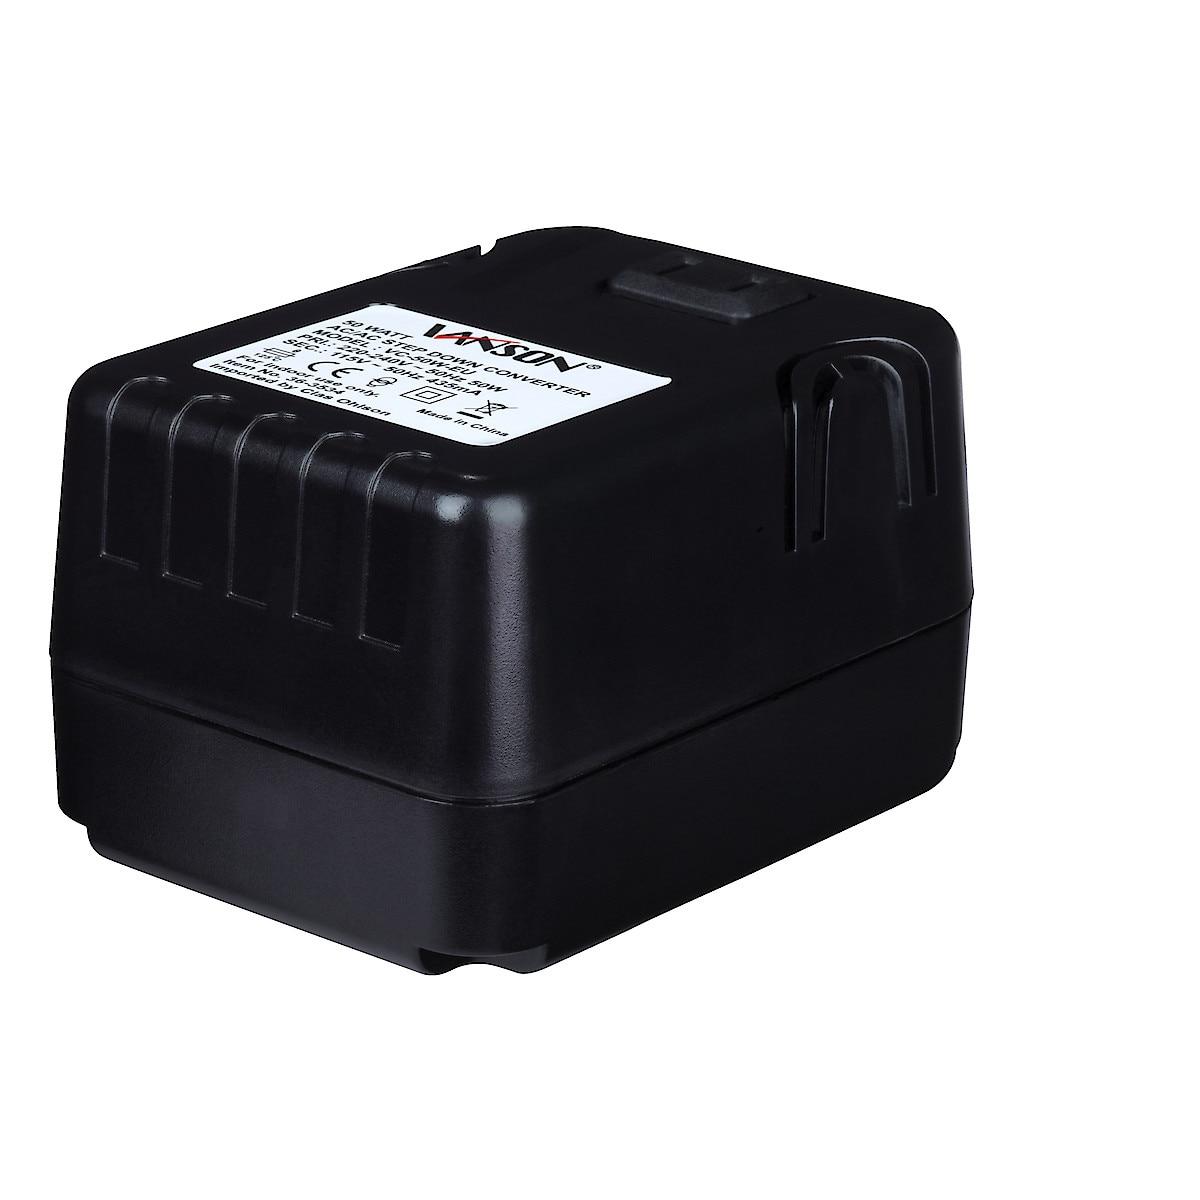 Välimuuntaja/konvertteri 230–110 V